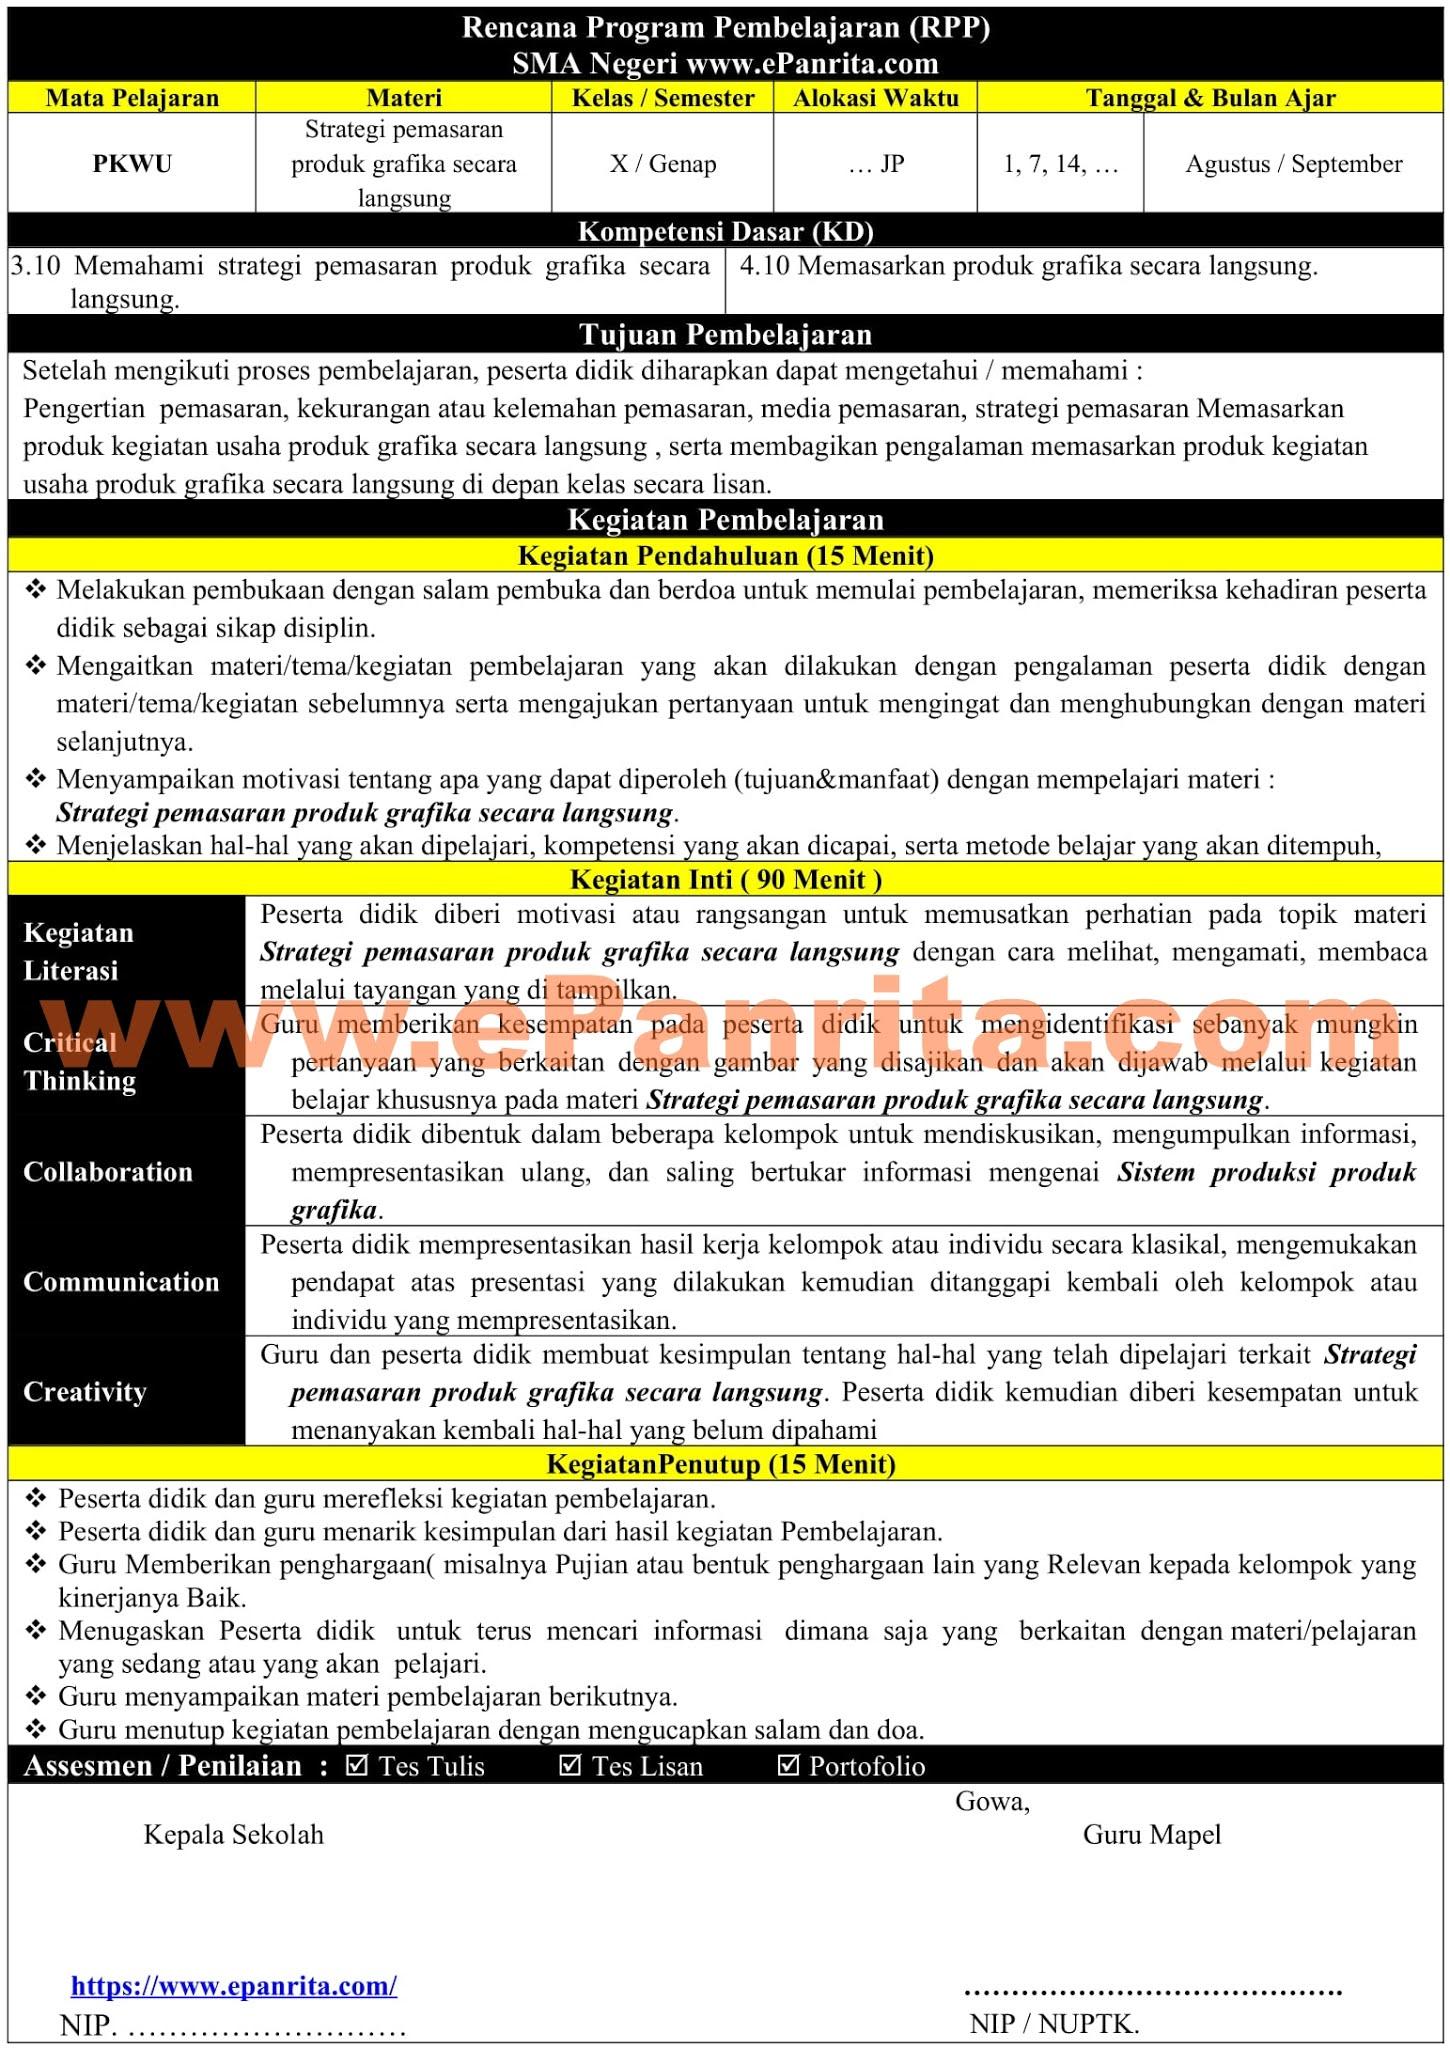 RPP 1 Halaman Prakarya Aspek Rekayasa (Strategi pemasaran produk grafika secara langsung)